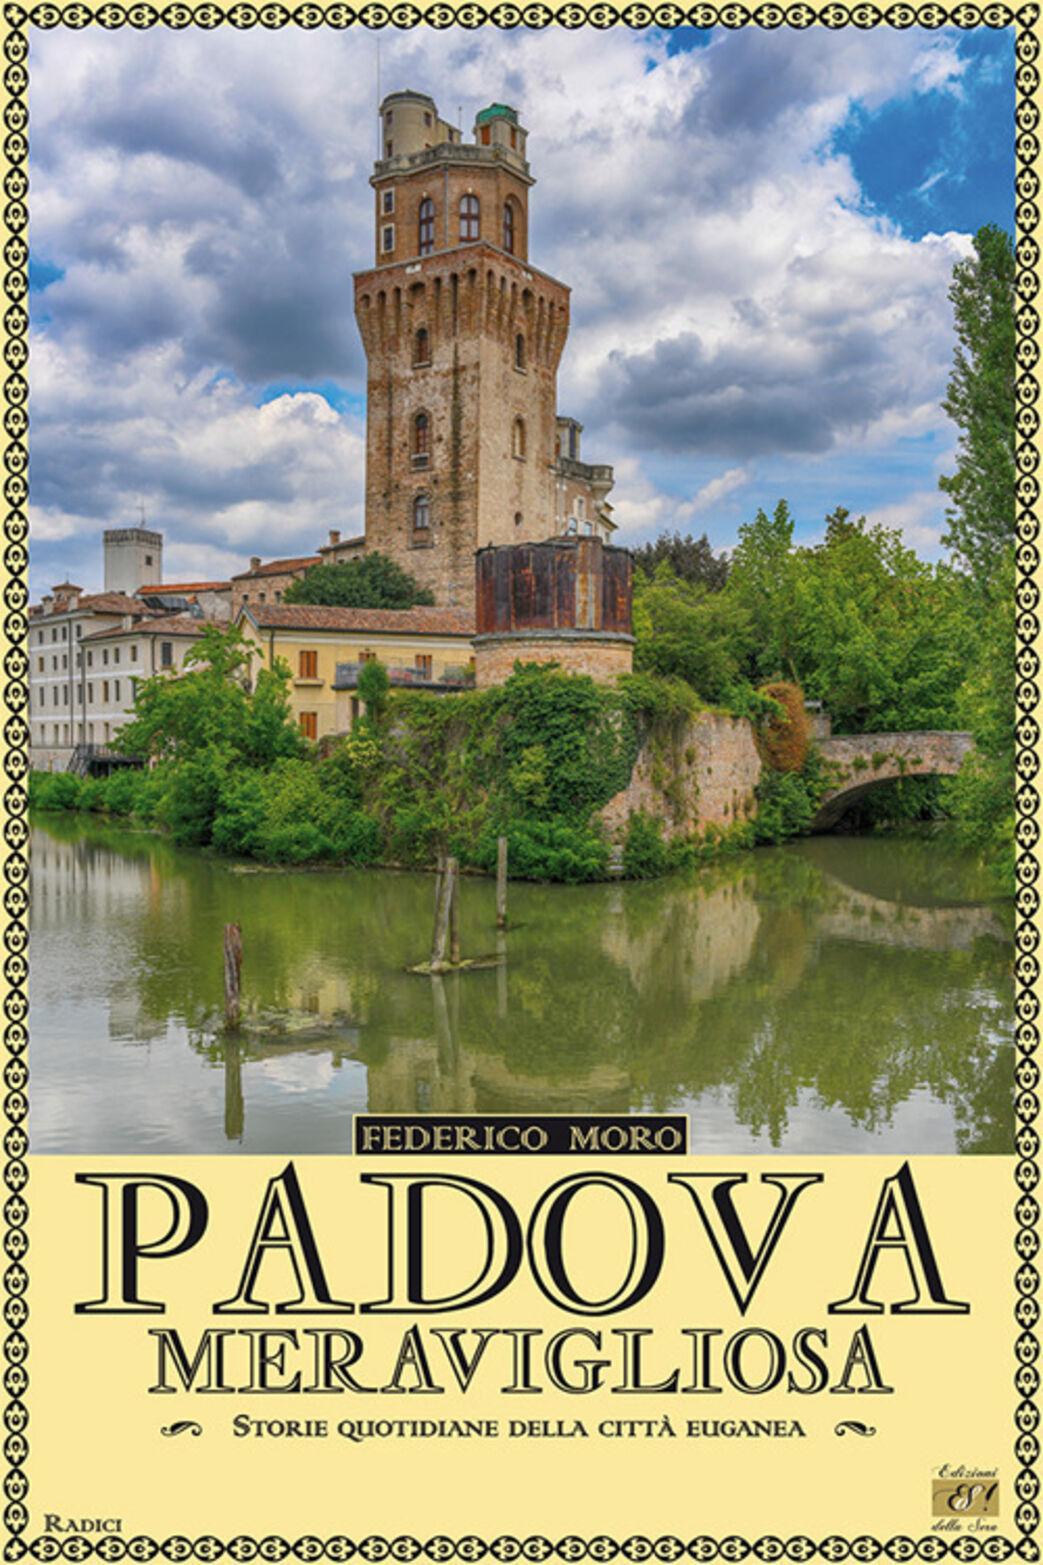 Padova meravigliosa. Storie quotidiane della città euganea